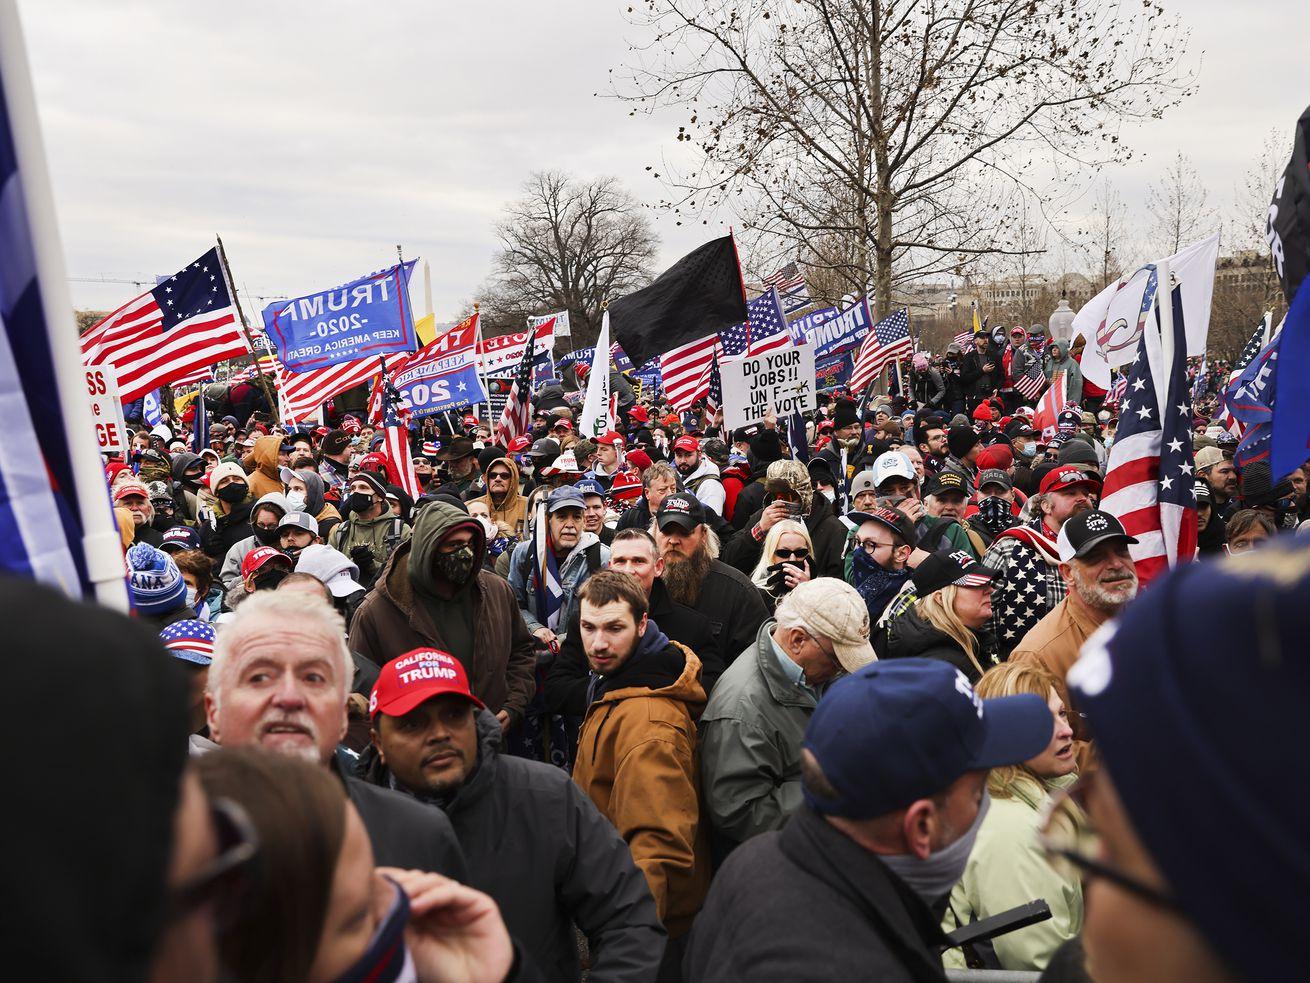 Une foule de personnes lors d'un rassemblement pro-Trump.